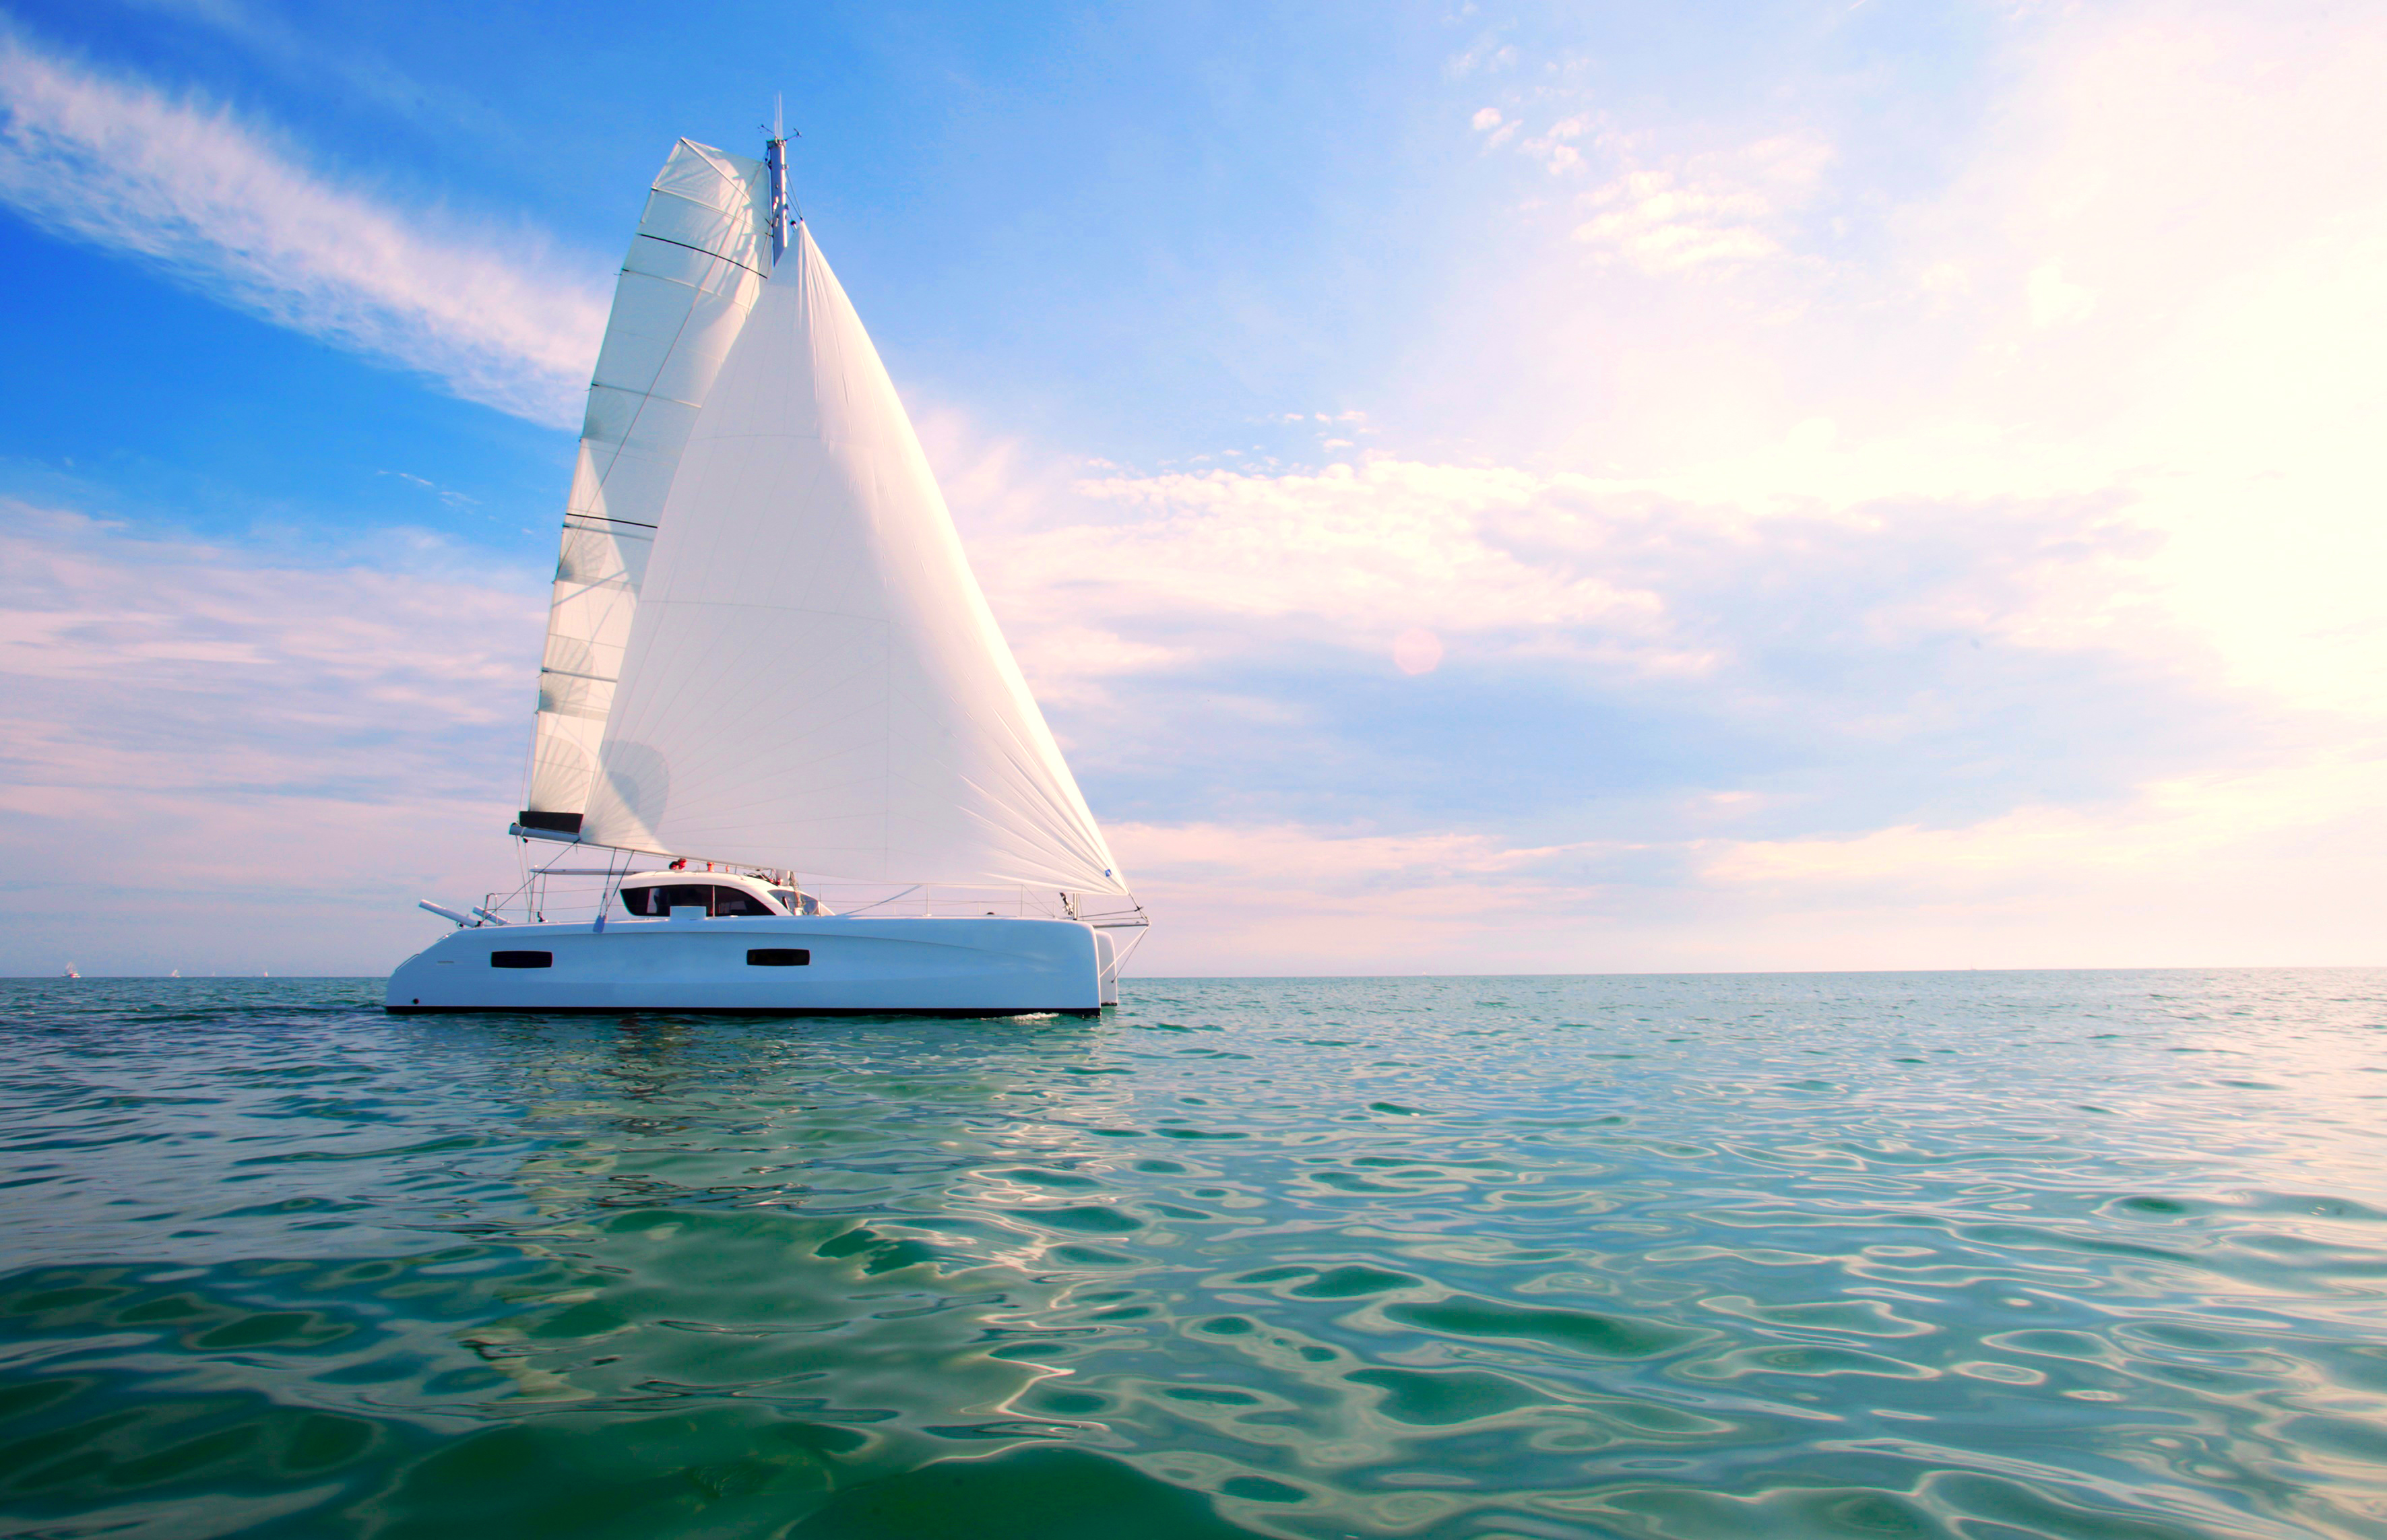 черешок листа океан яхта картинки также забывайте